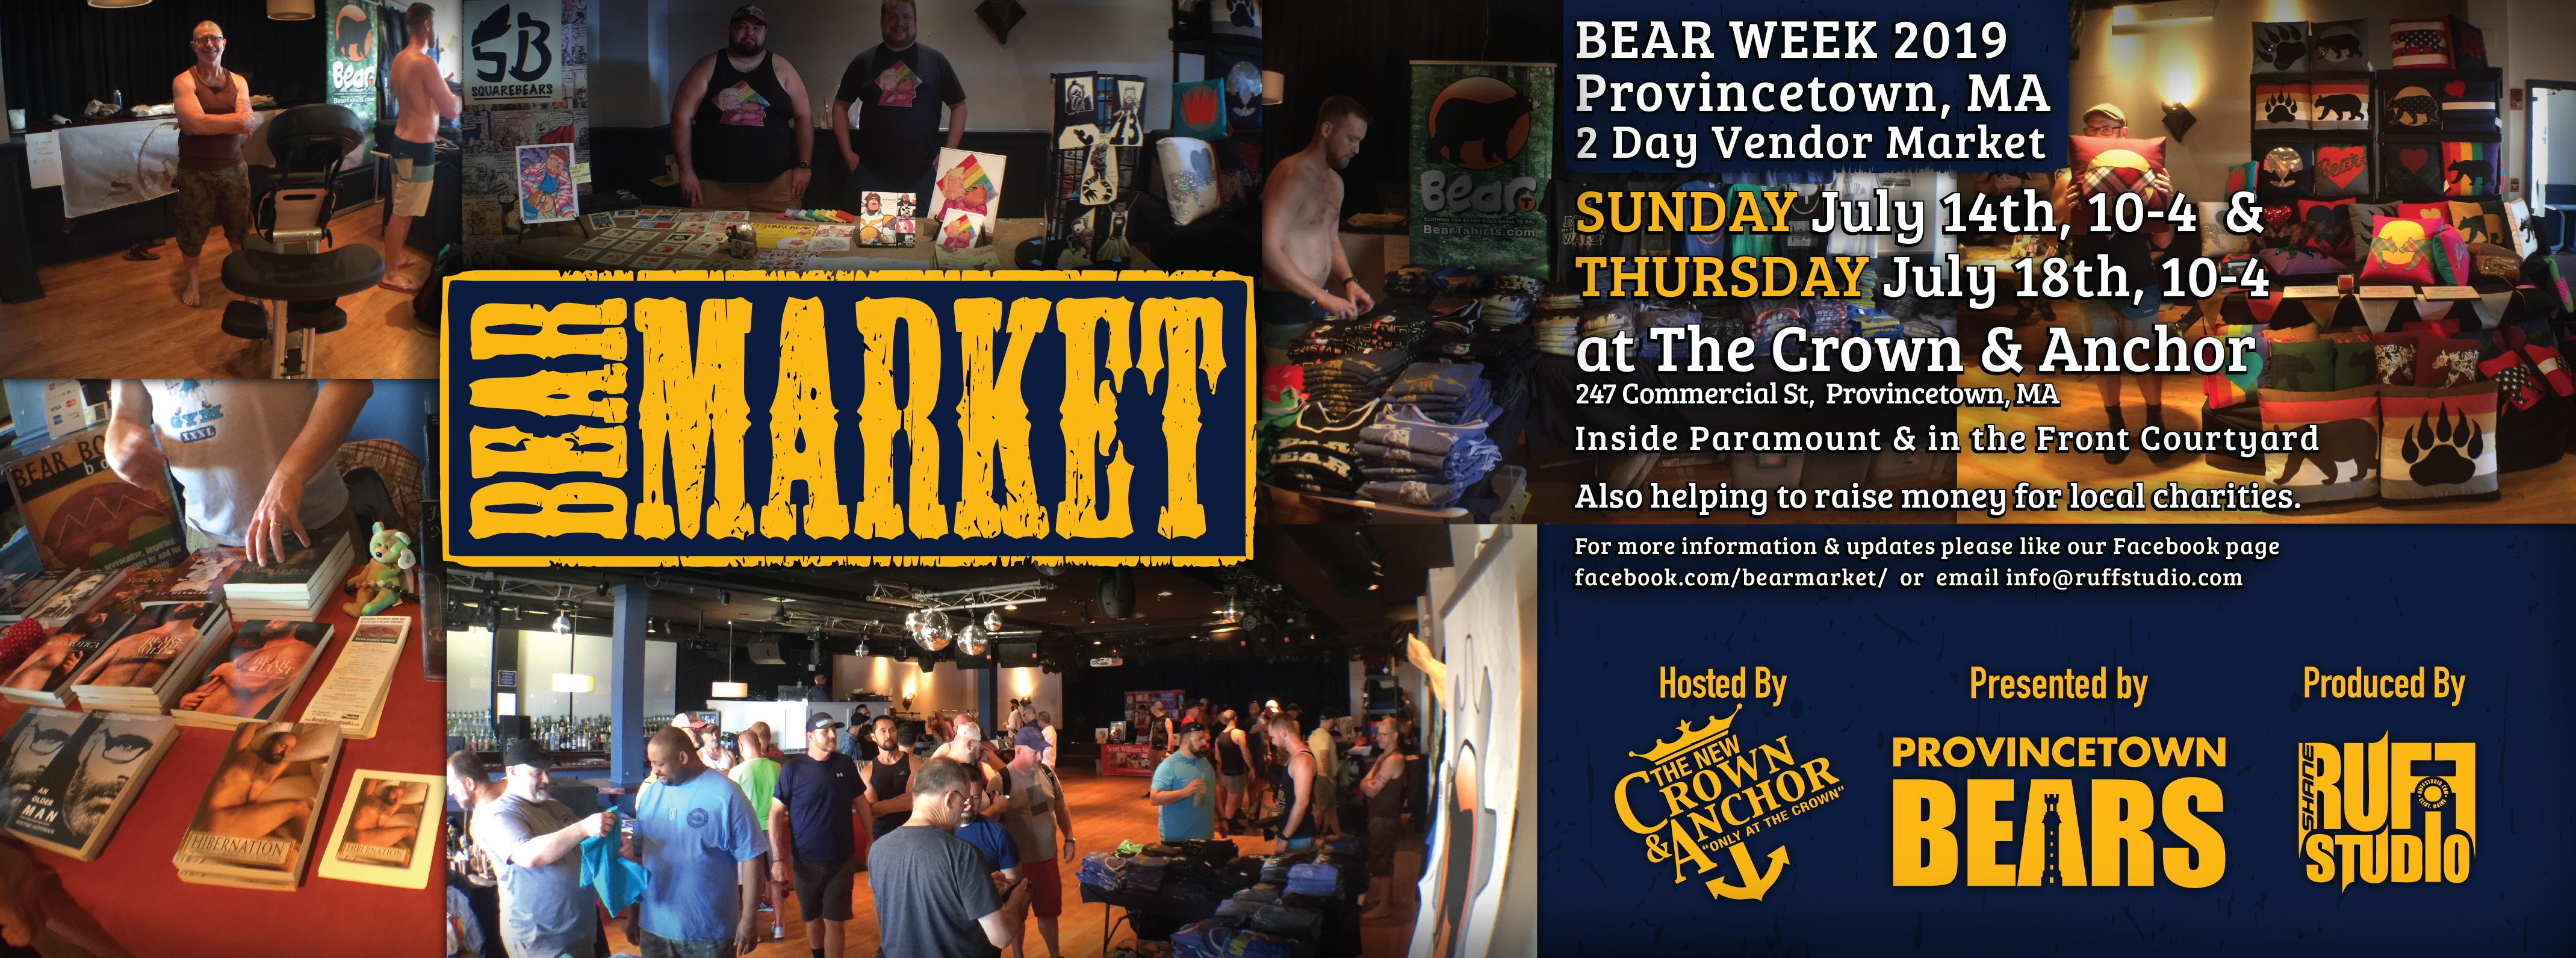 bear-market-fbbnr-719a.jpg